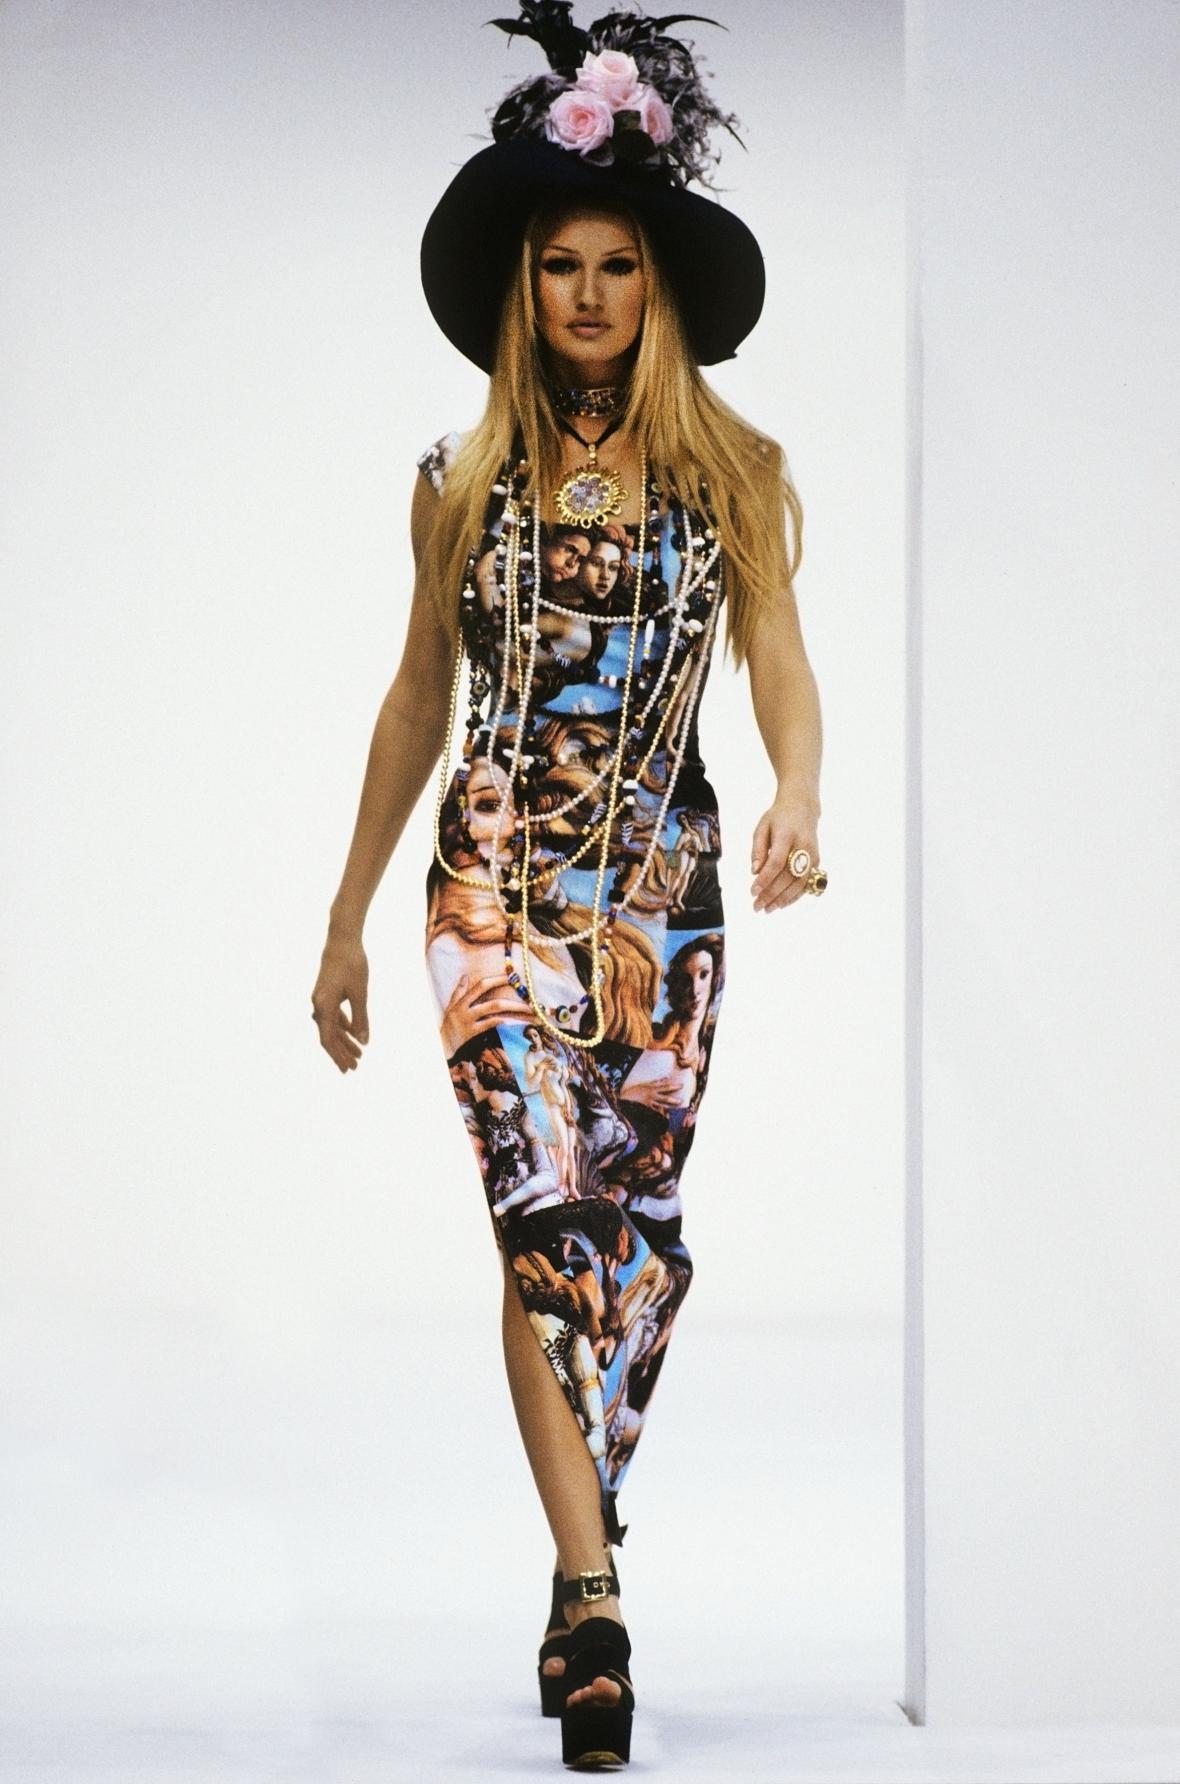 Šaty Venuše, Look 15 - z přehlídky Dolce & Gabbana, Milán, 1993